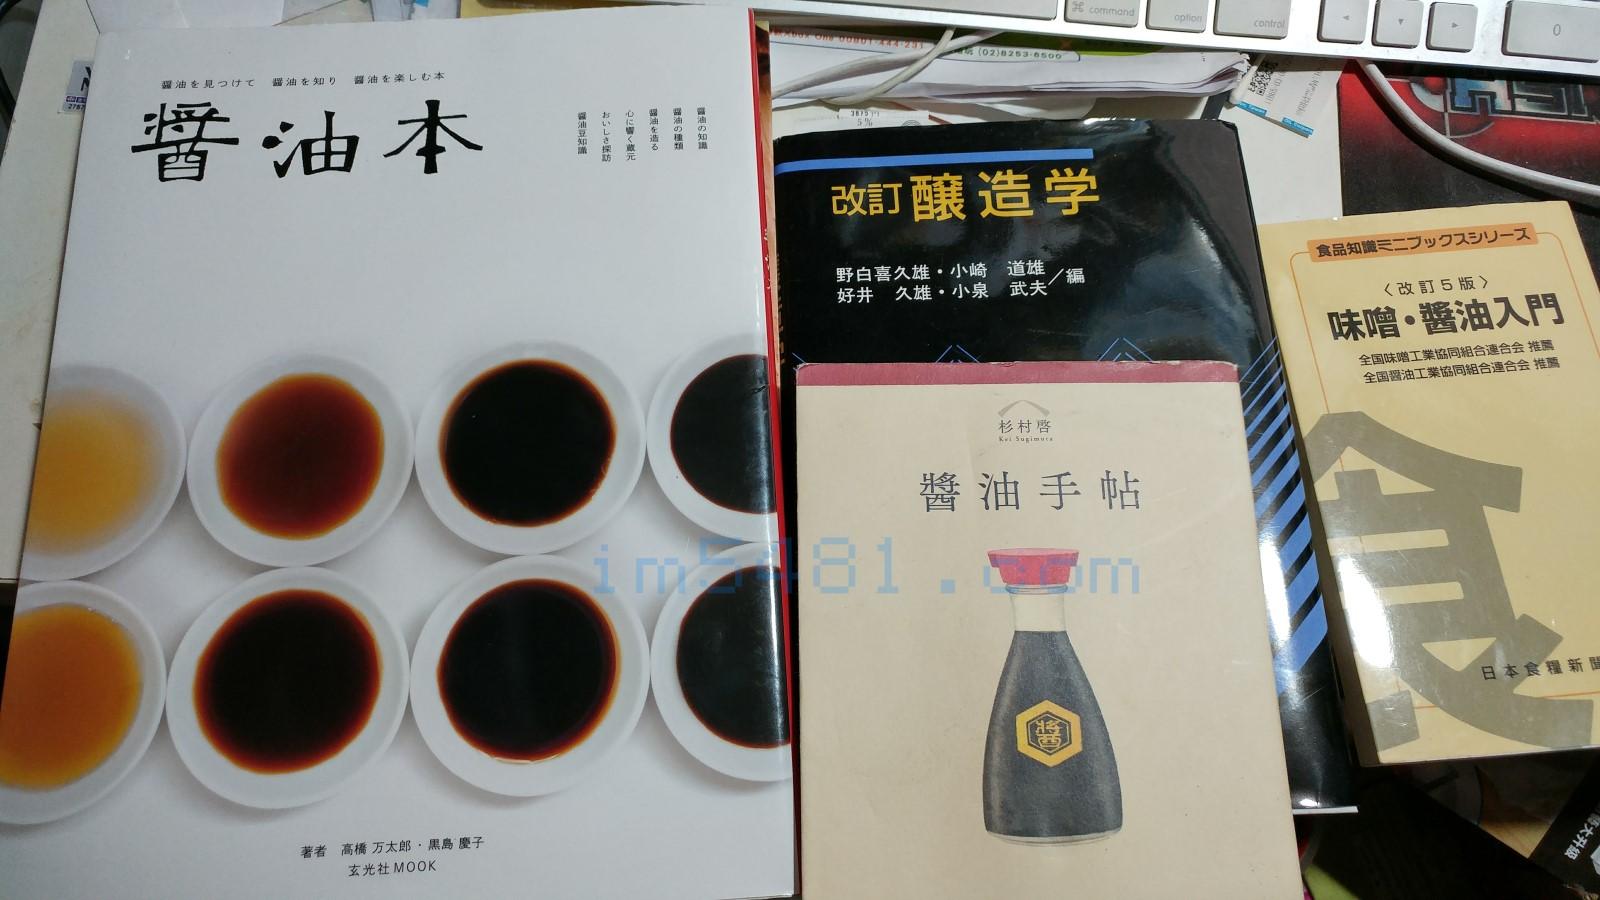 醬油的專業書籍: 醬油本、醬油手帖、釀造學、味噌醬油入門